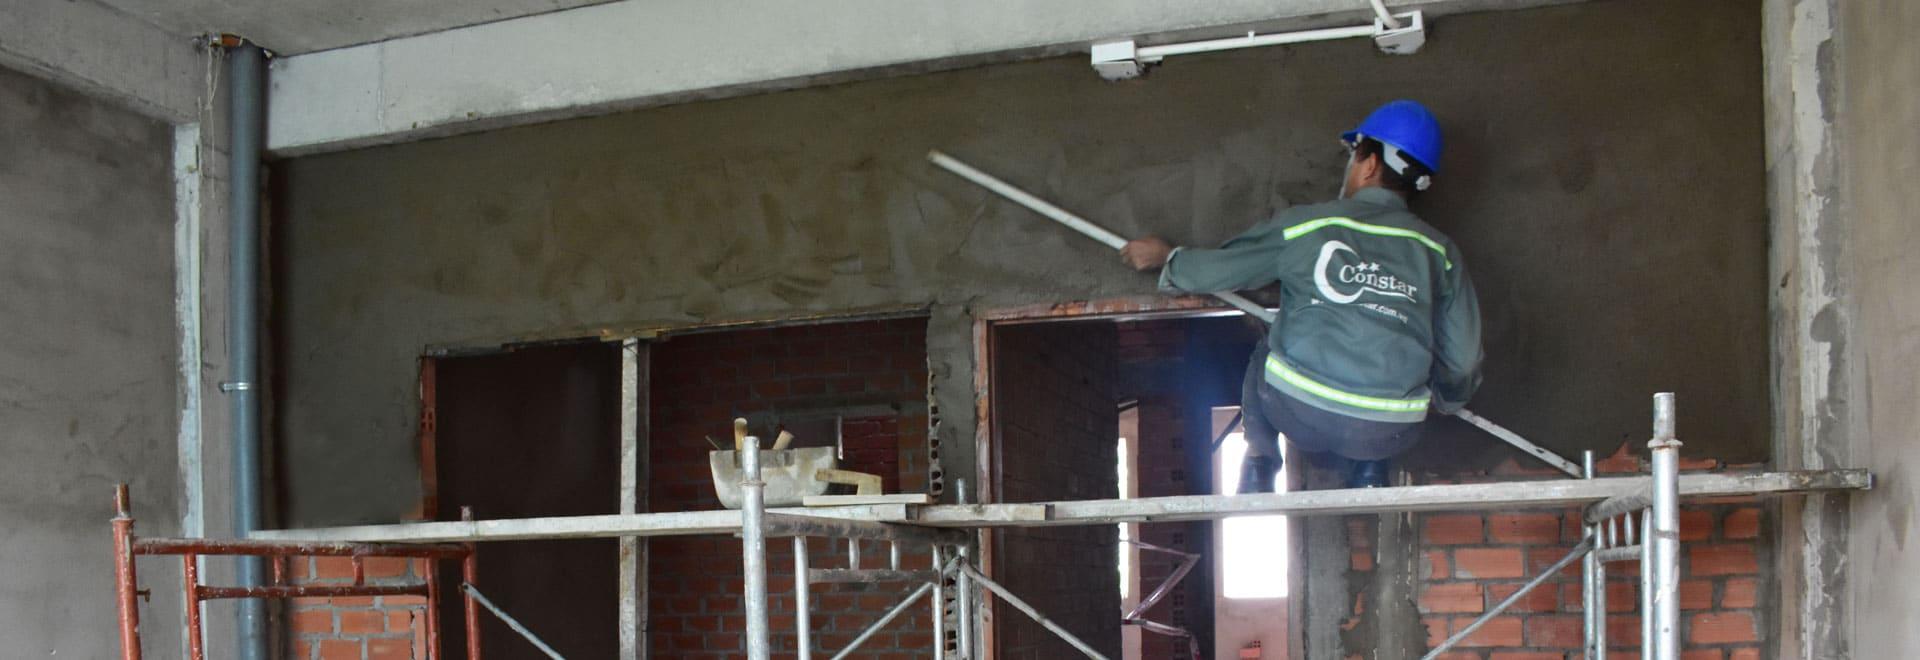 Chất lượng thi công xây dựng nhà đảm bảo.